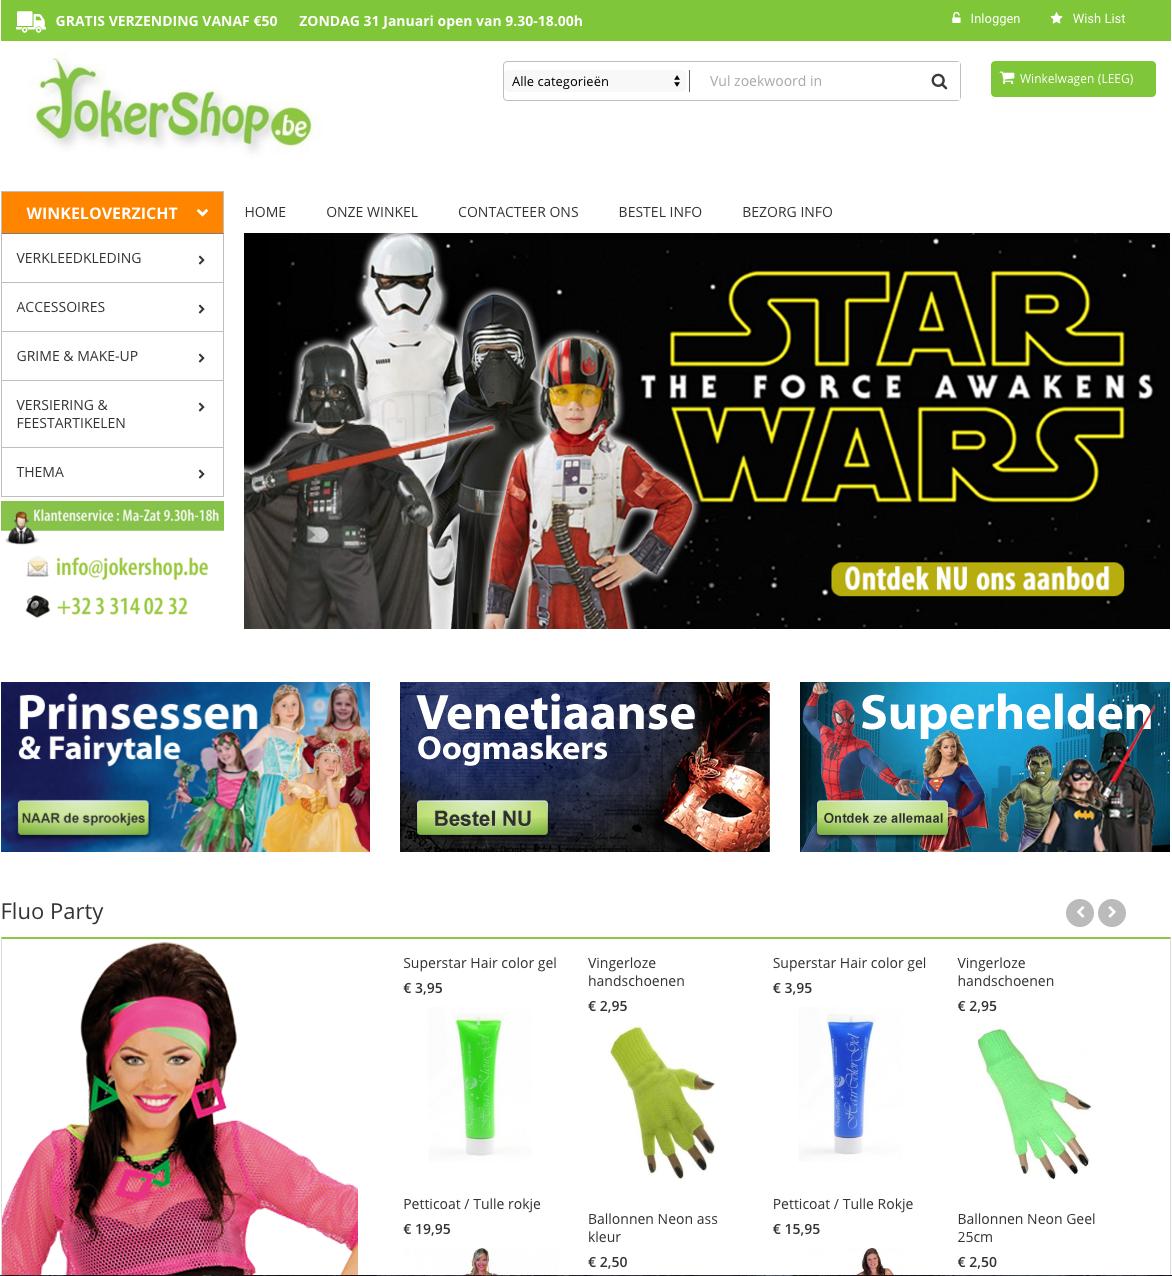 PrestaShop webshop voor feestwinkel Jokershop